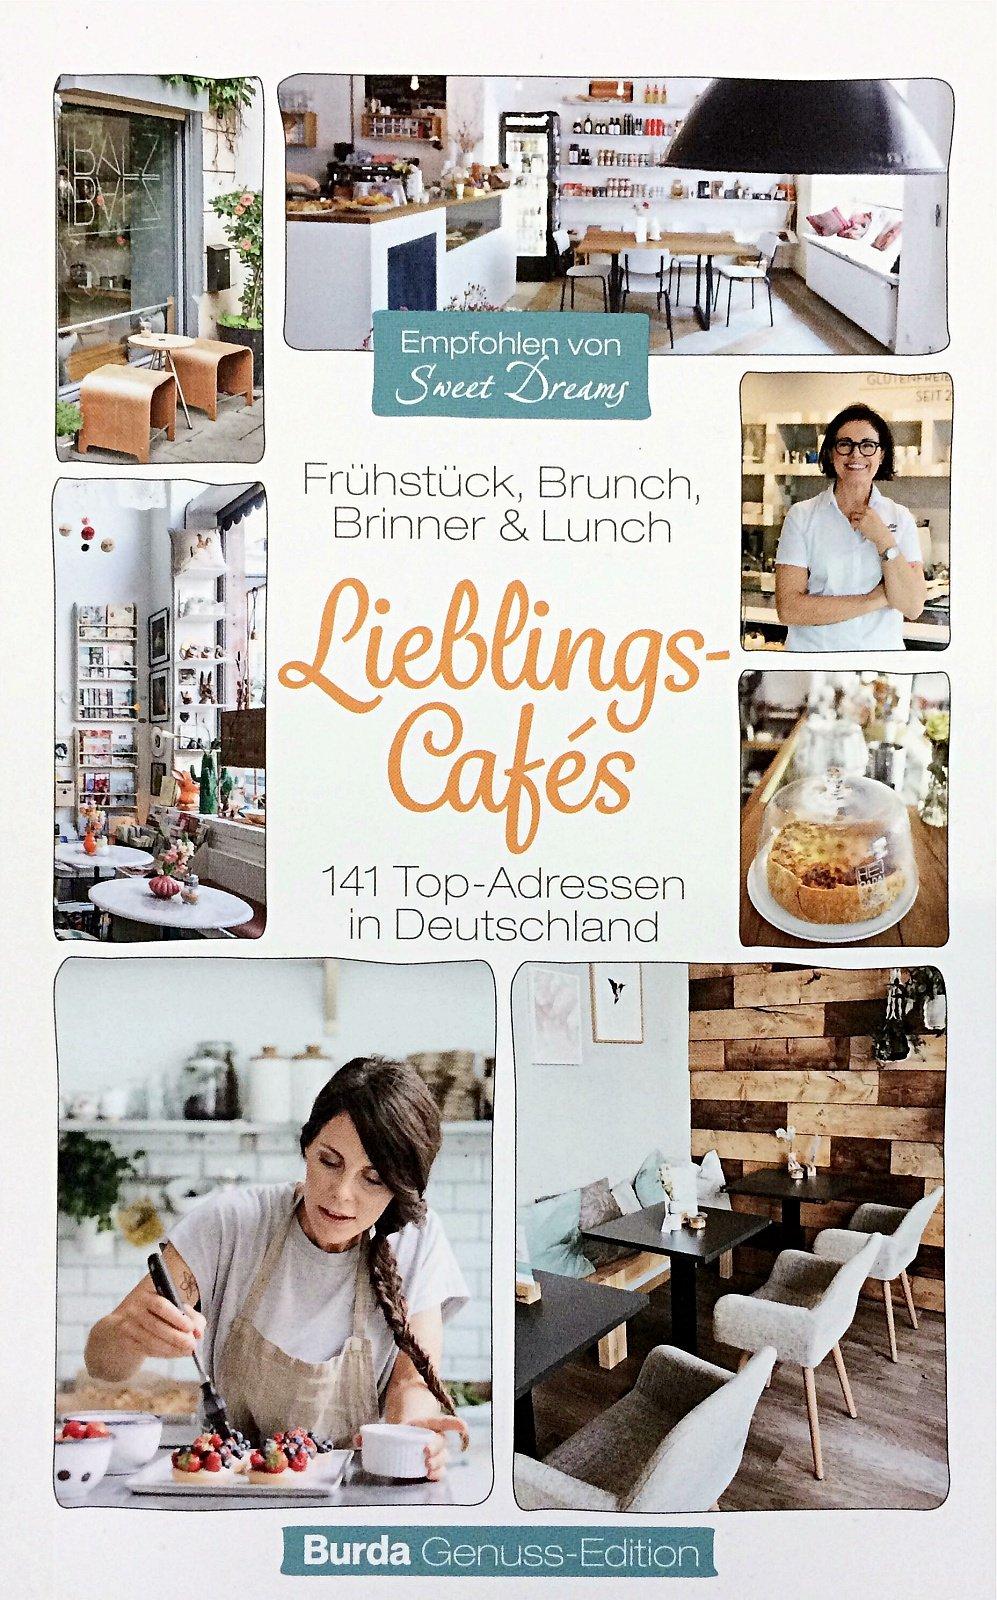 Lieblingscafés - 141 Top Adressen in Deutschland, Mademoiselle Cupcake Magdeburg, Sachsen-Anhalt